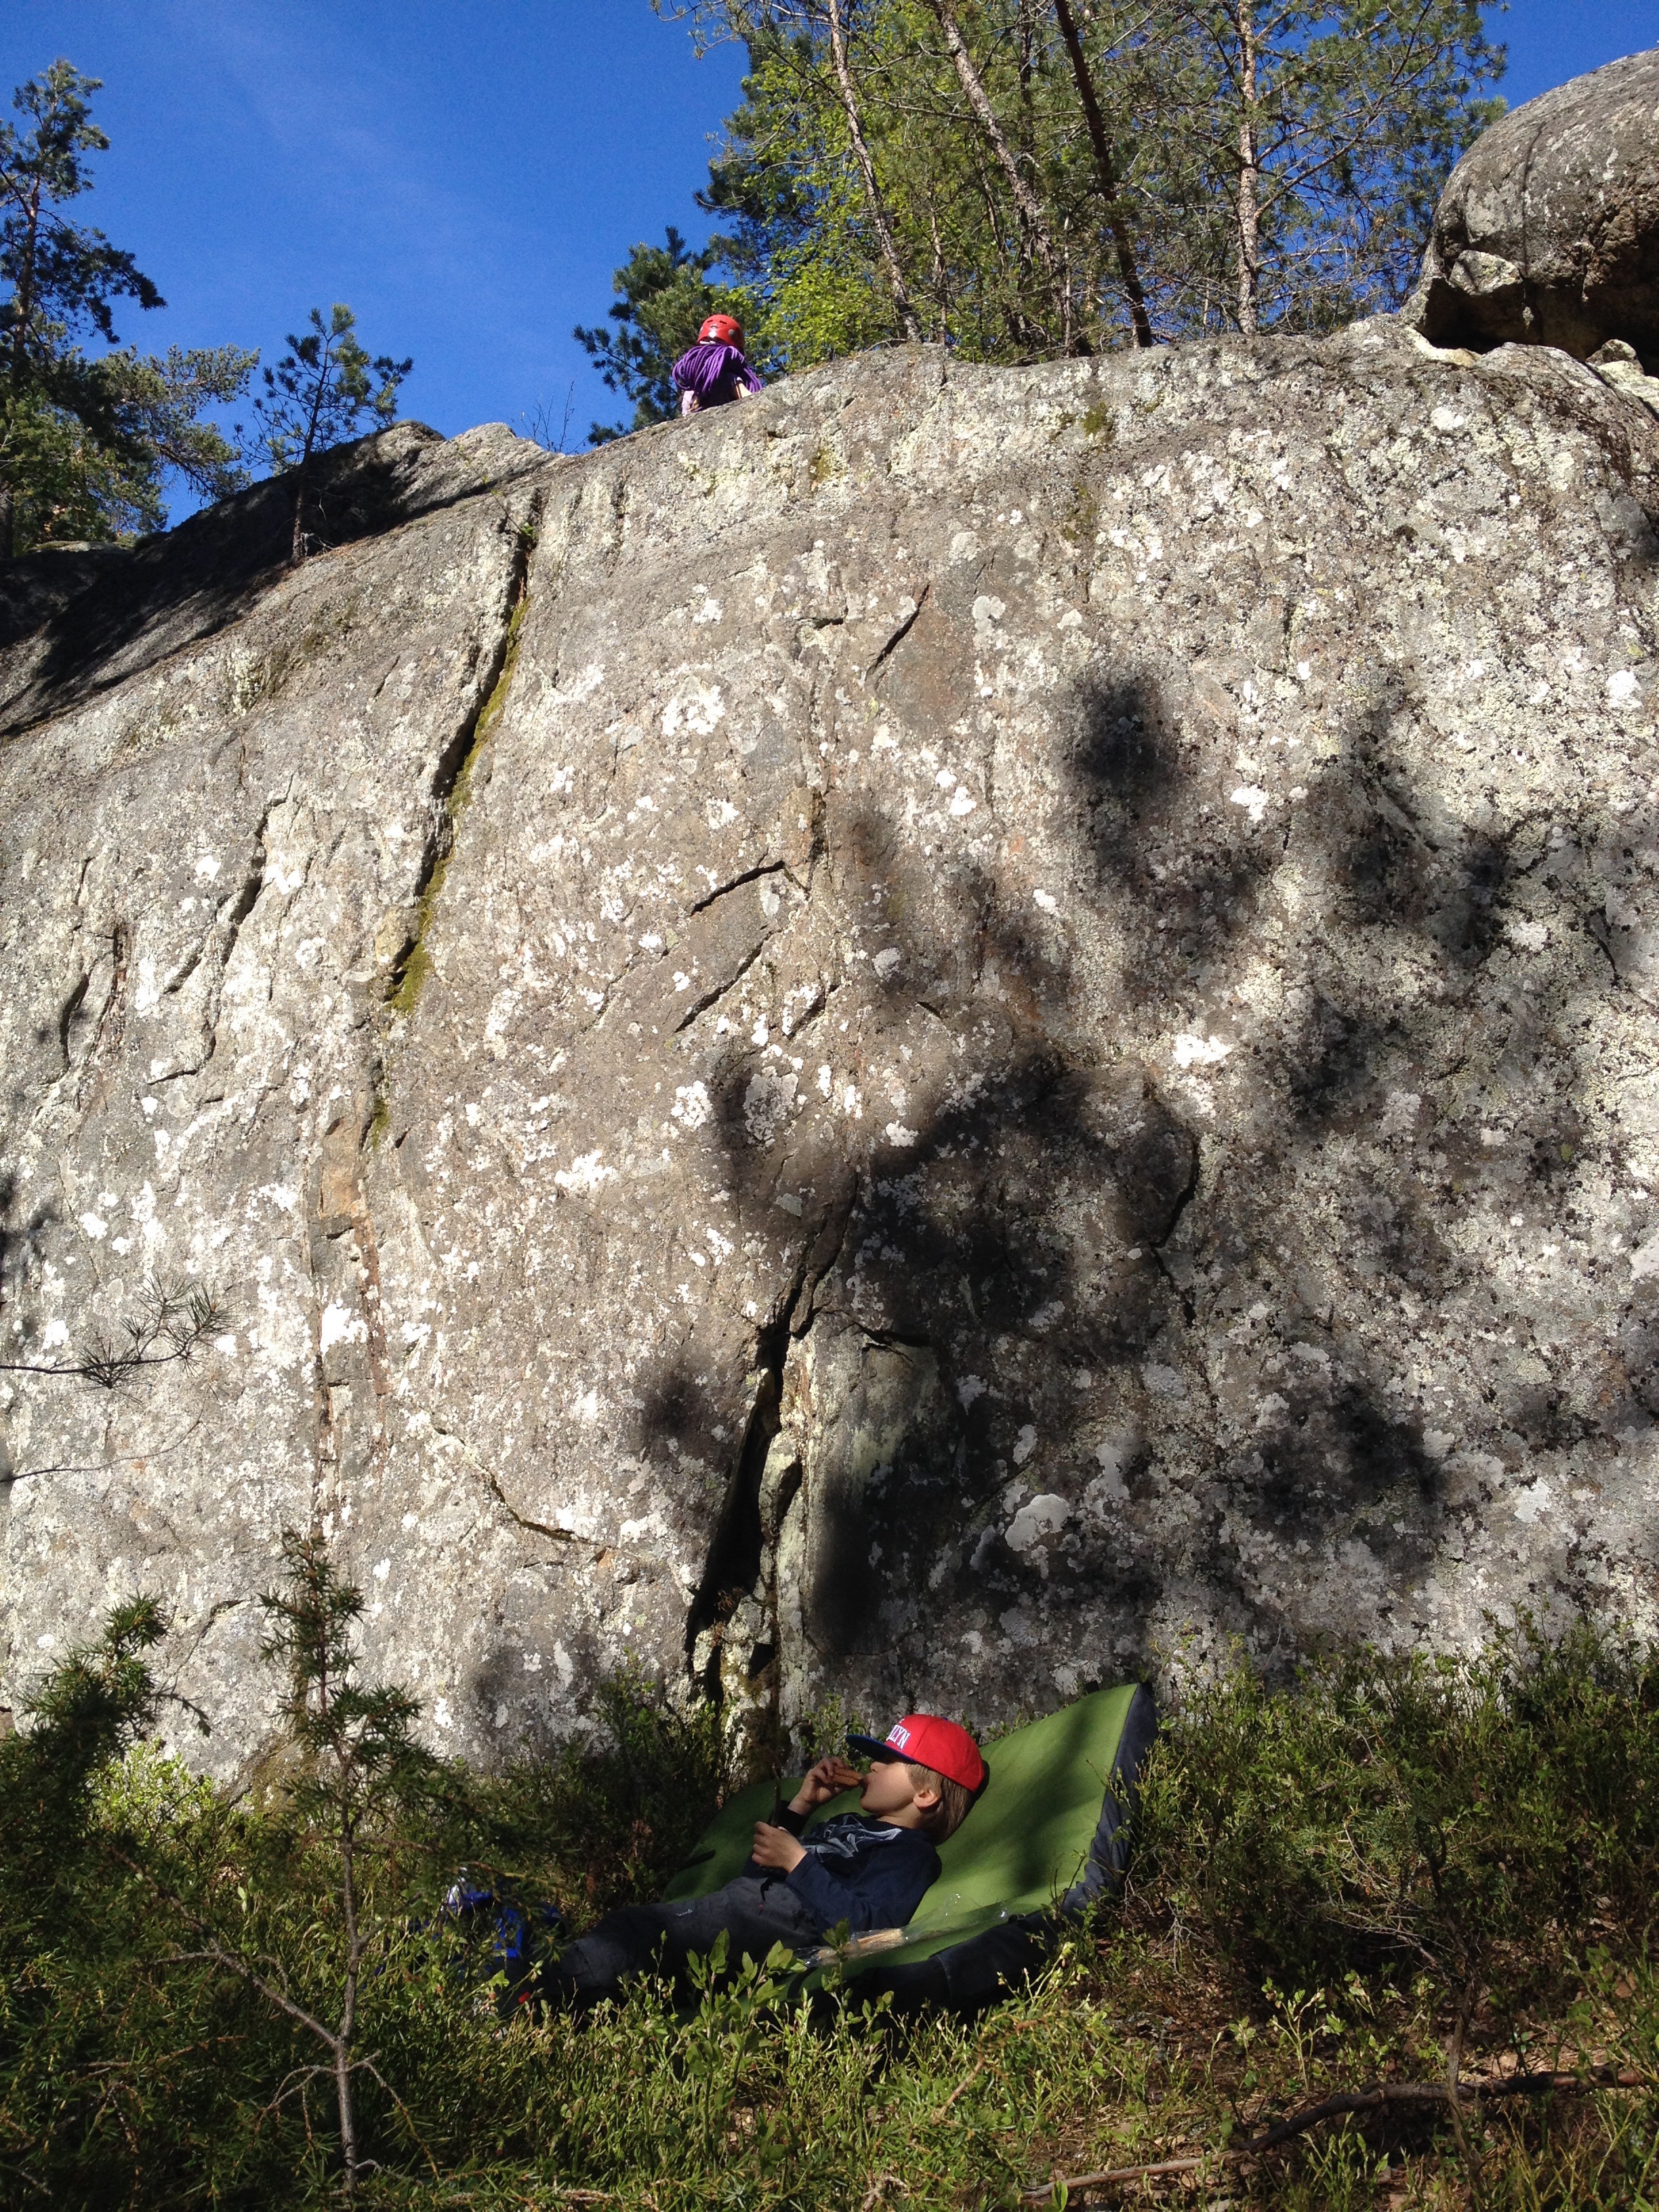 Beginner Climbing